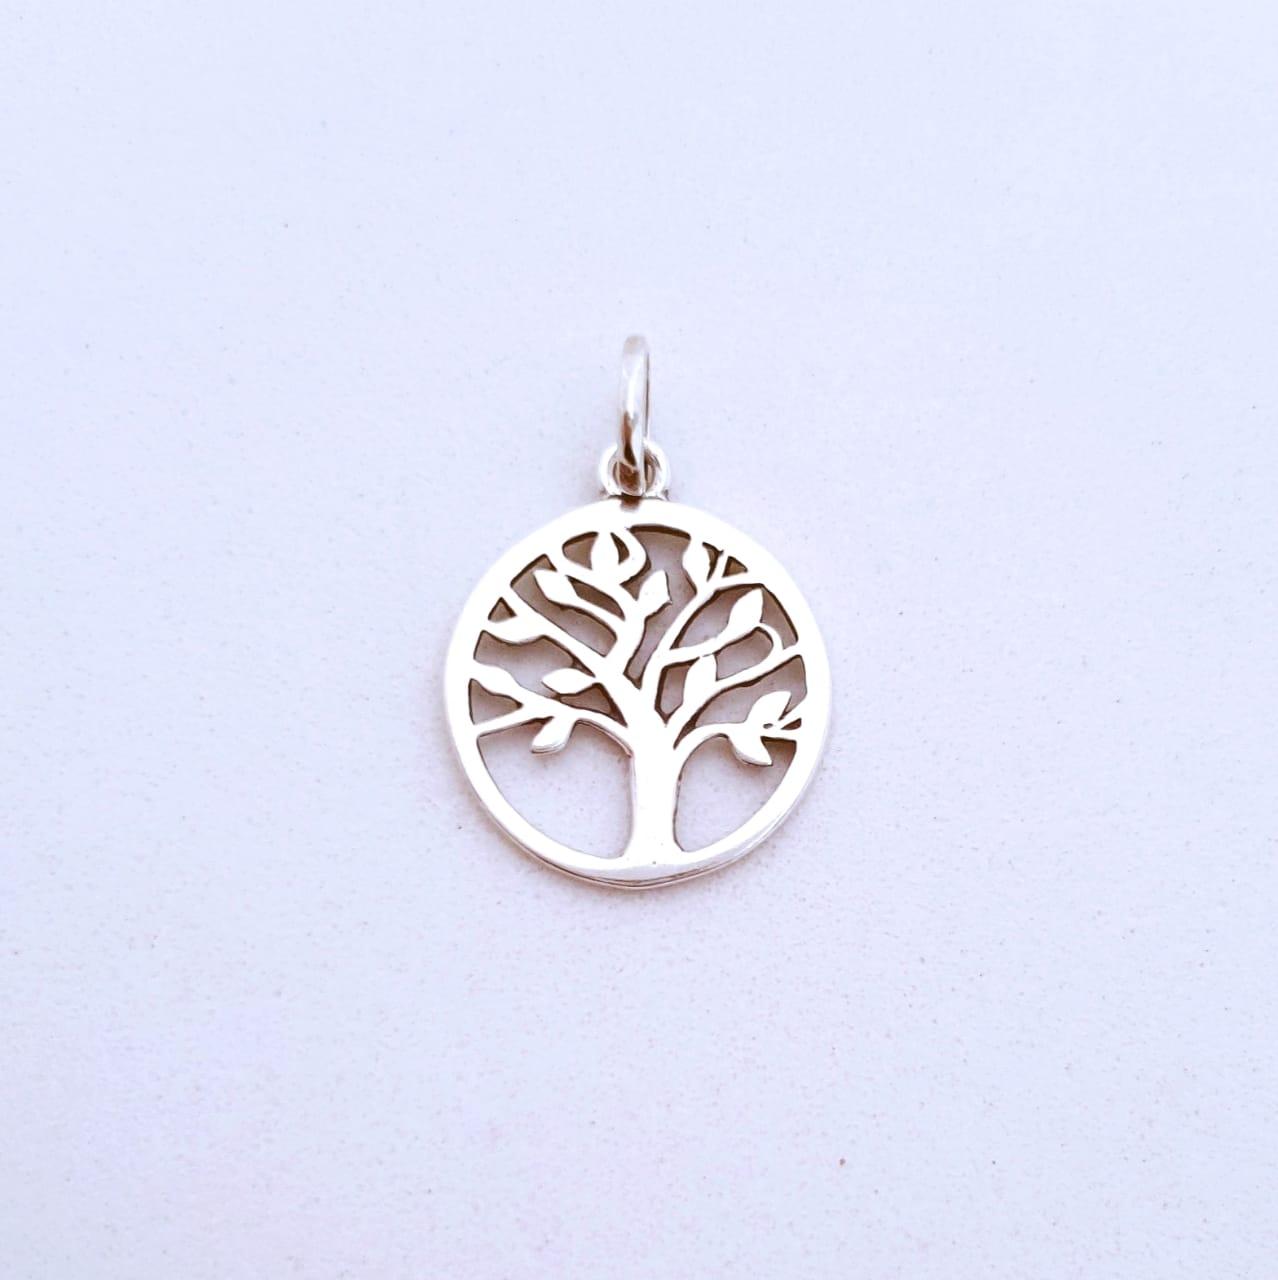 Pingente de Prata Árvore de Vida no Aro